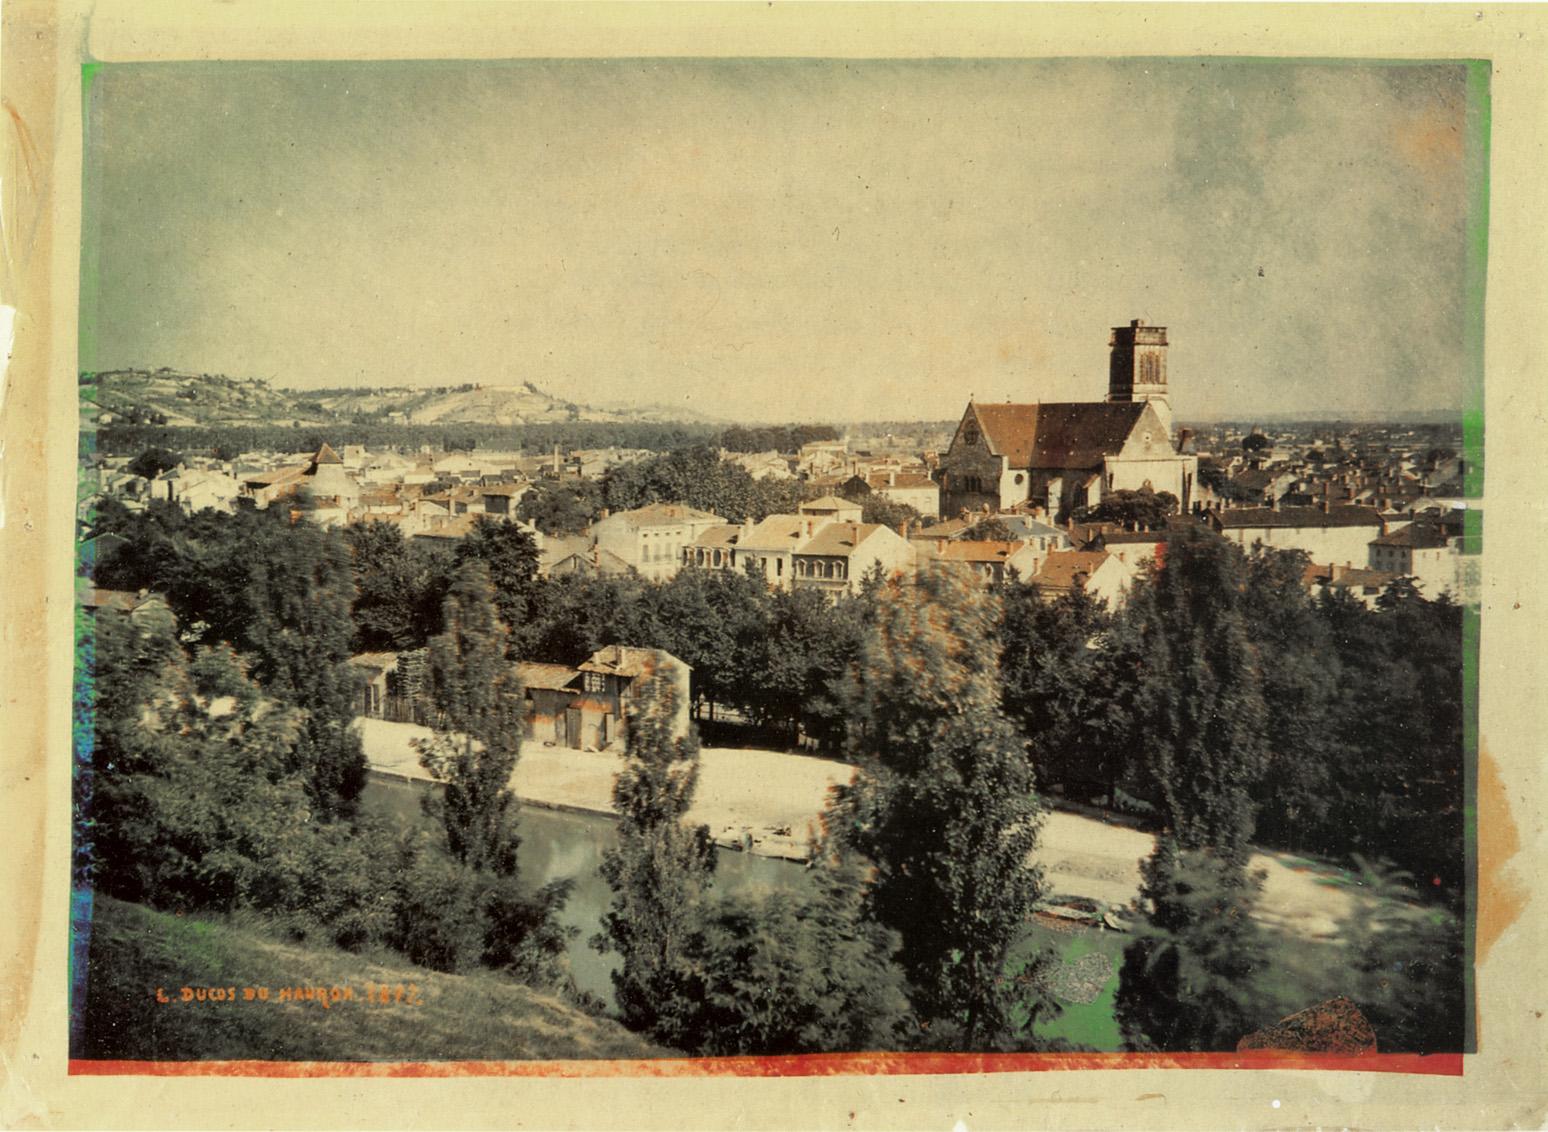 Photographie d'Agen prise en 1877 par Louis Ducos du Hauron